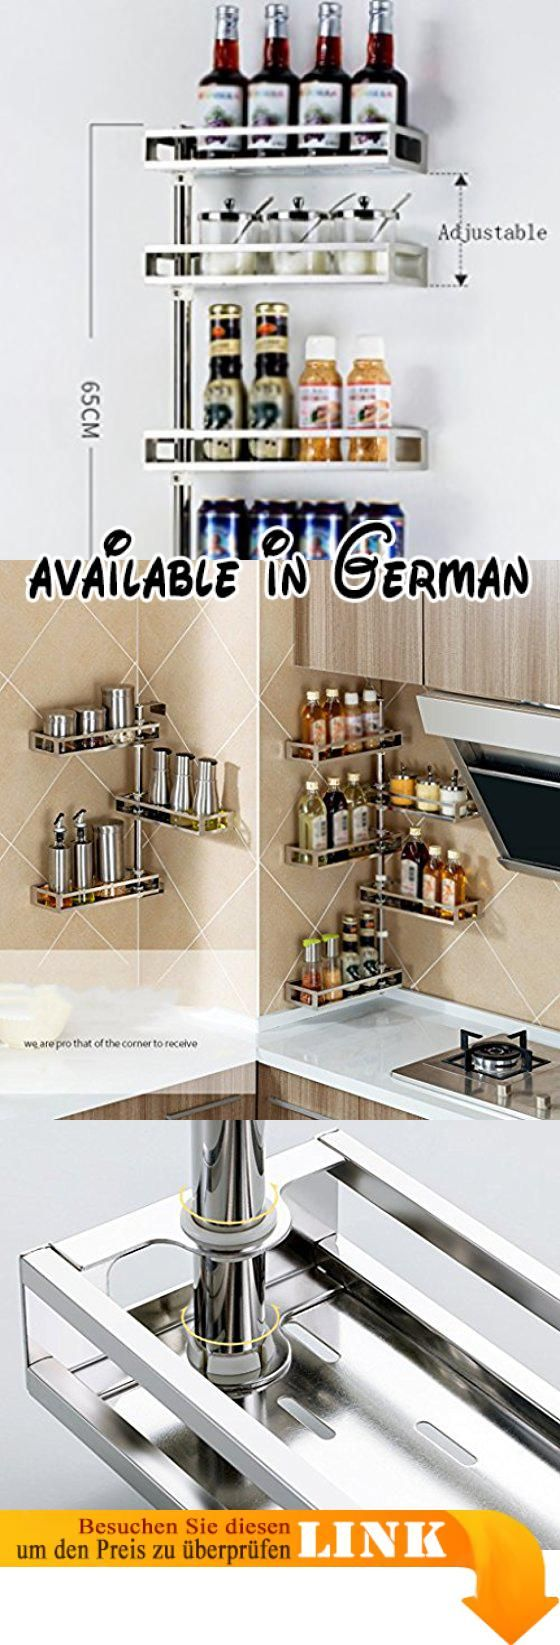 As 3561 melhores imagens em Möbel - Küche no Pinterest